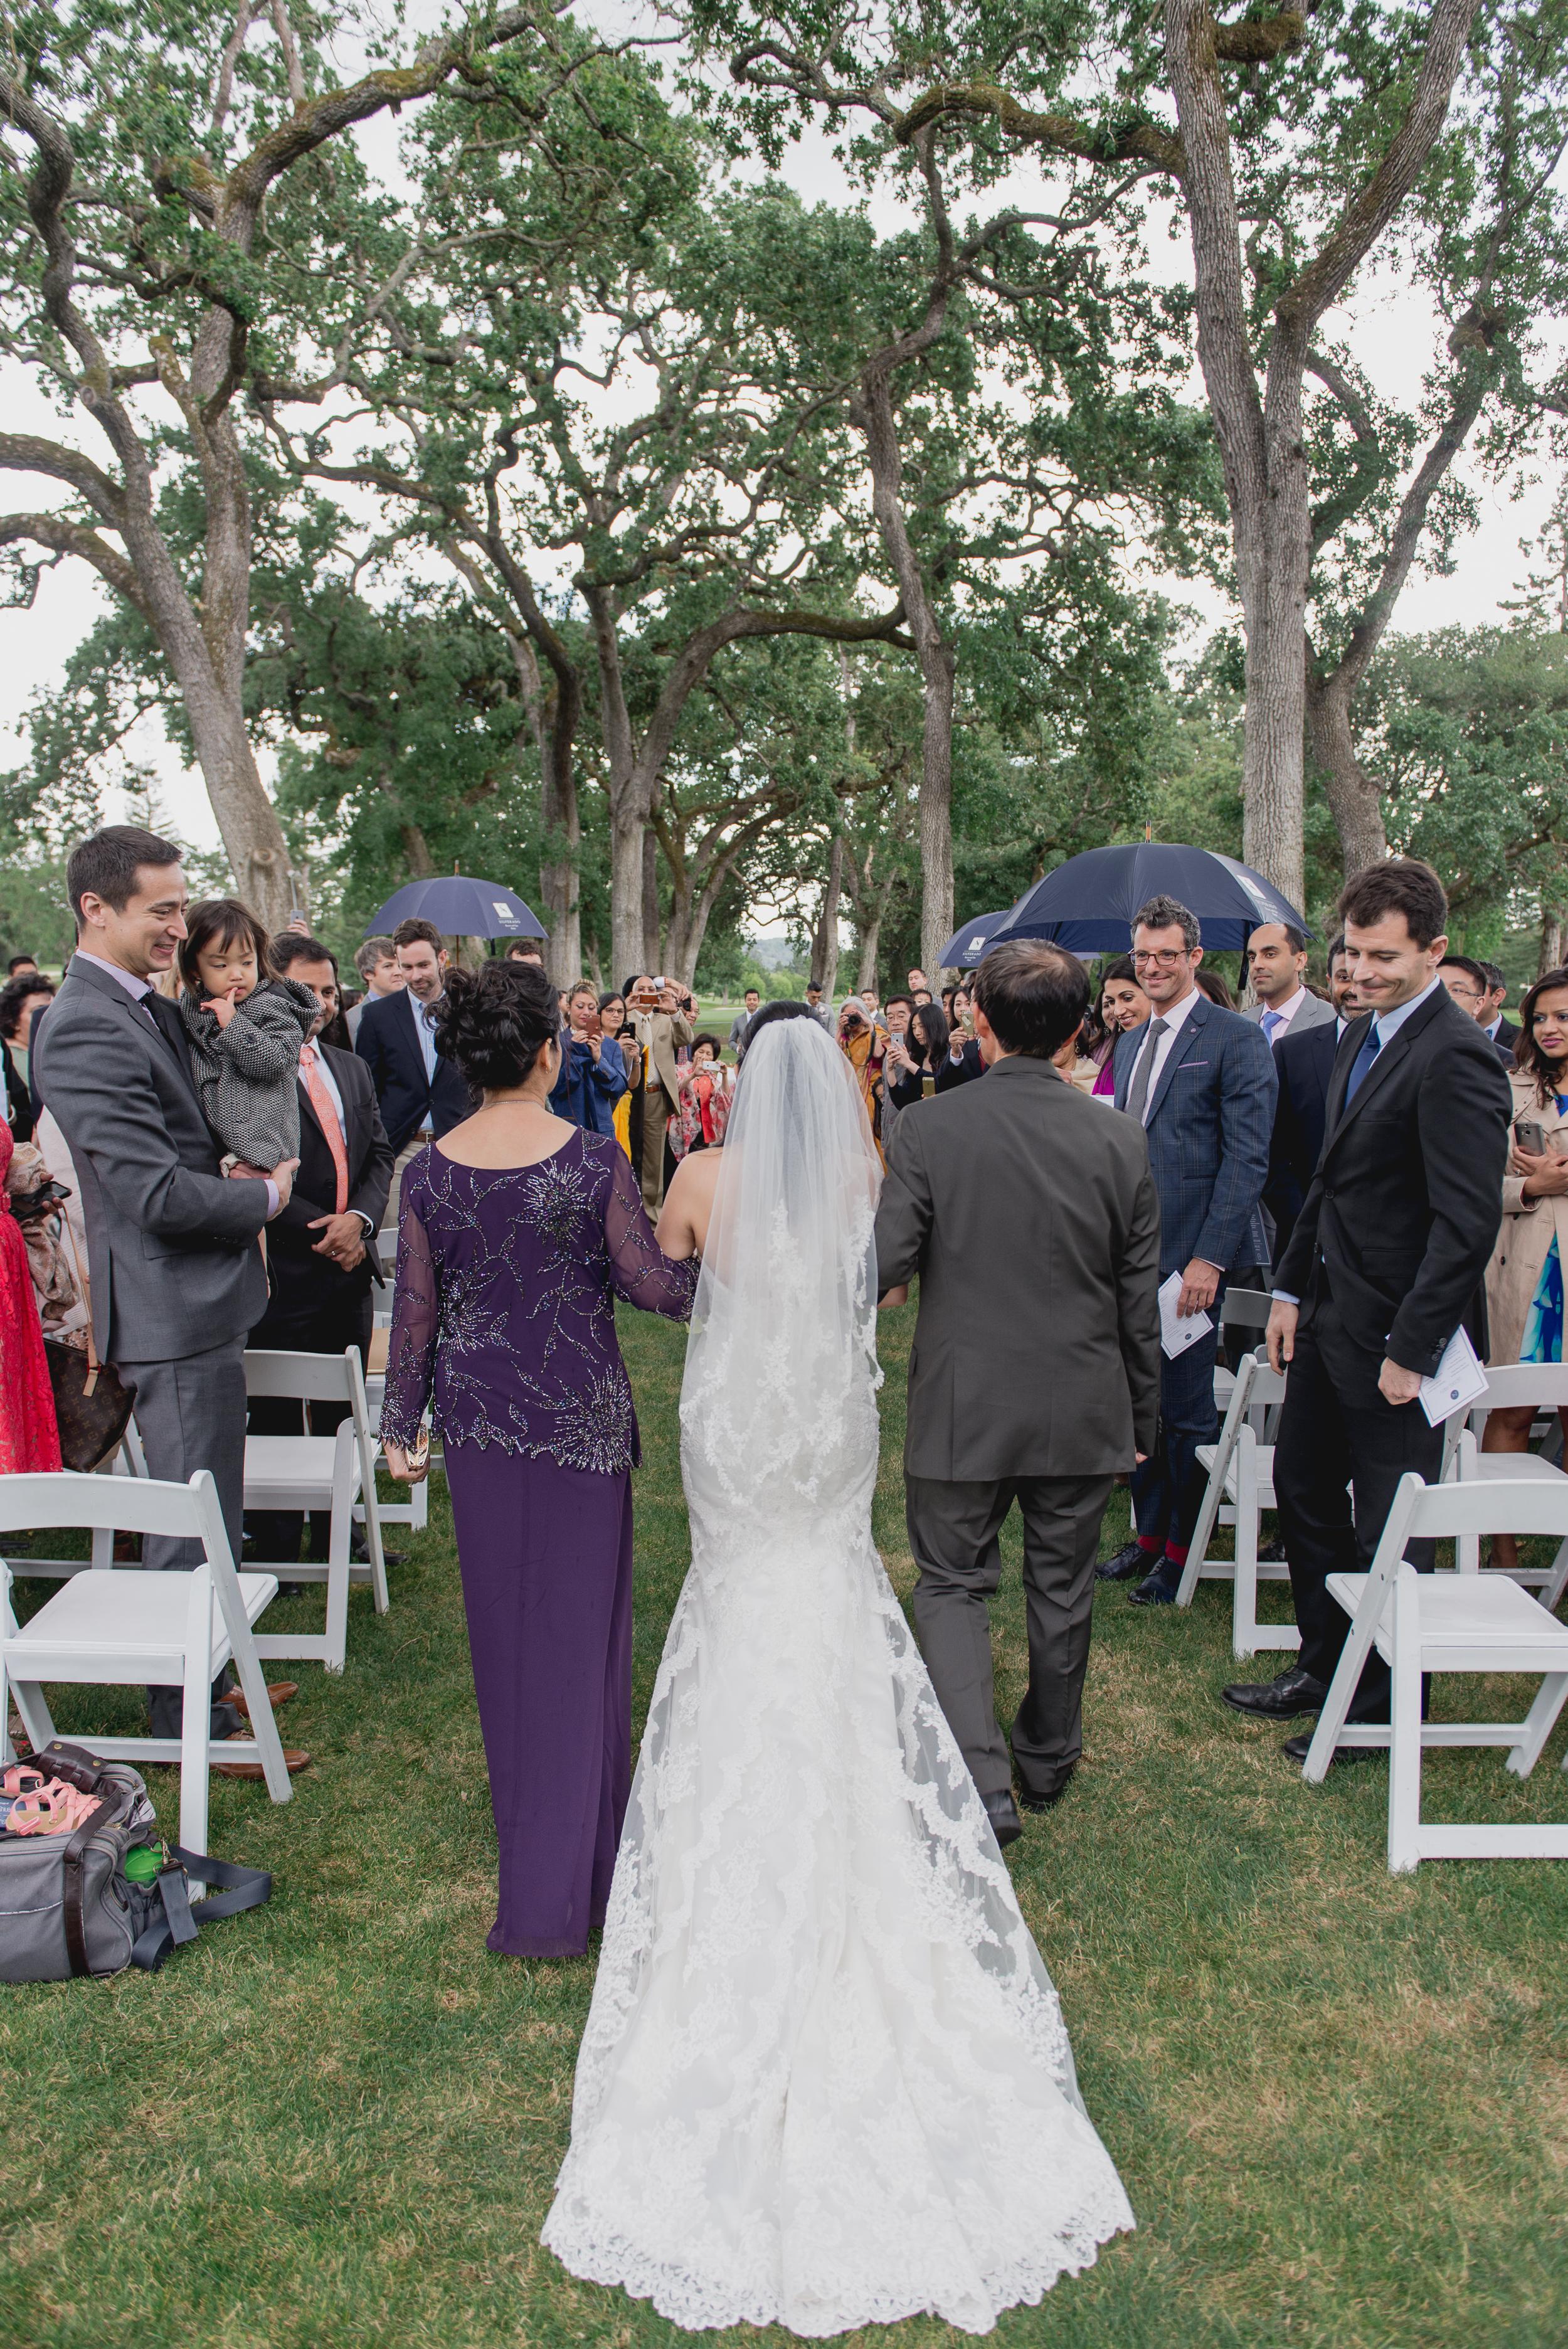 silverado-resort-napa-wine-country-wedding-23.jpg